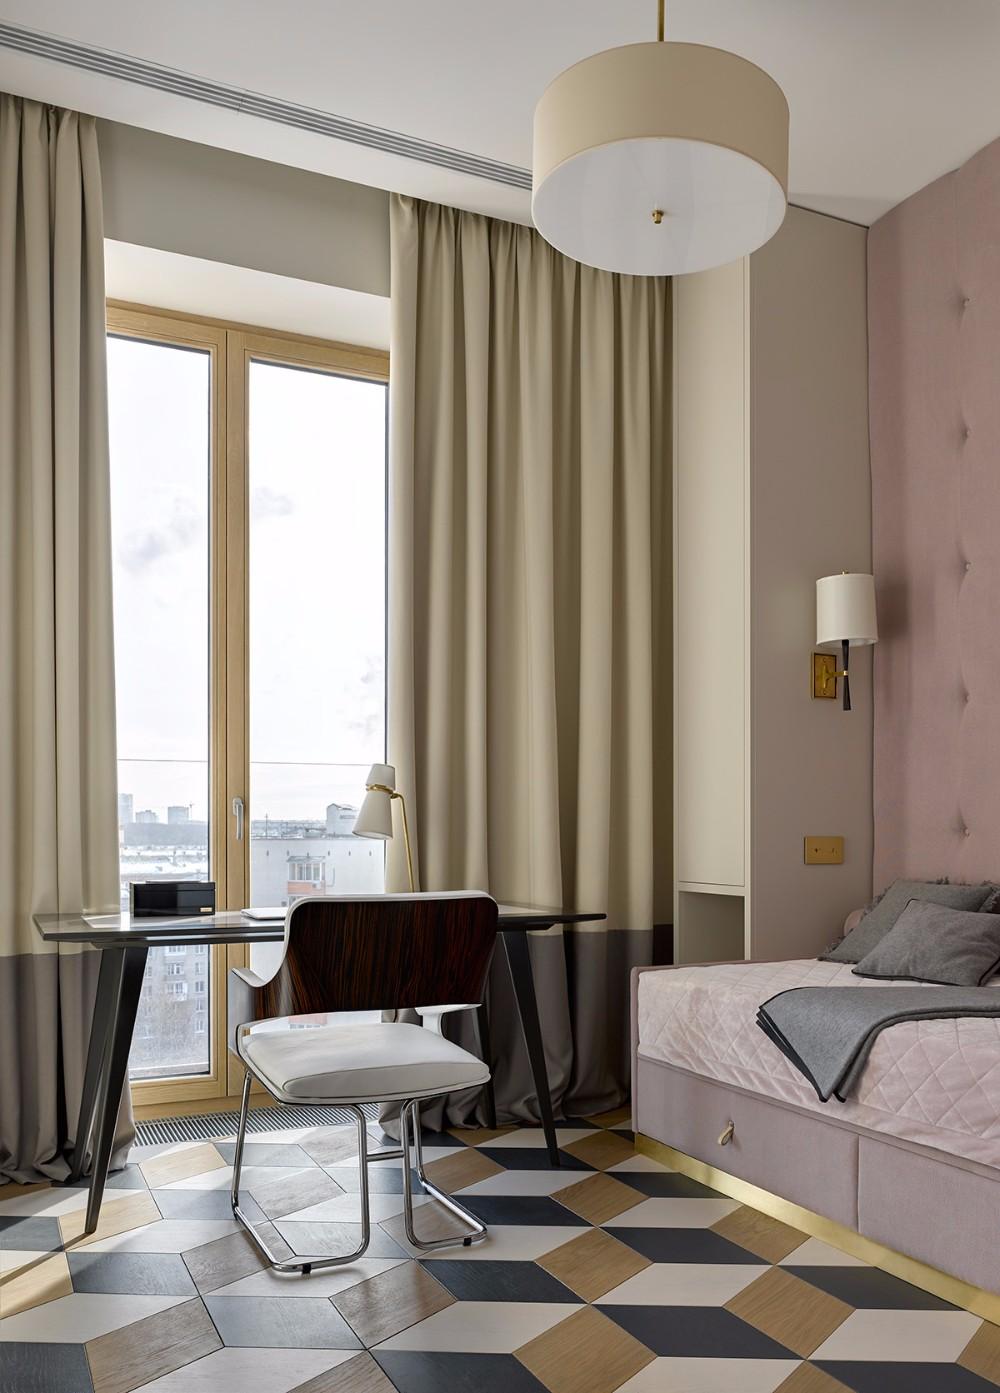 Дизайн проект: современная квартира от Екатерины Лашмановой